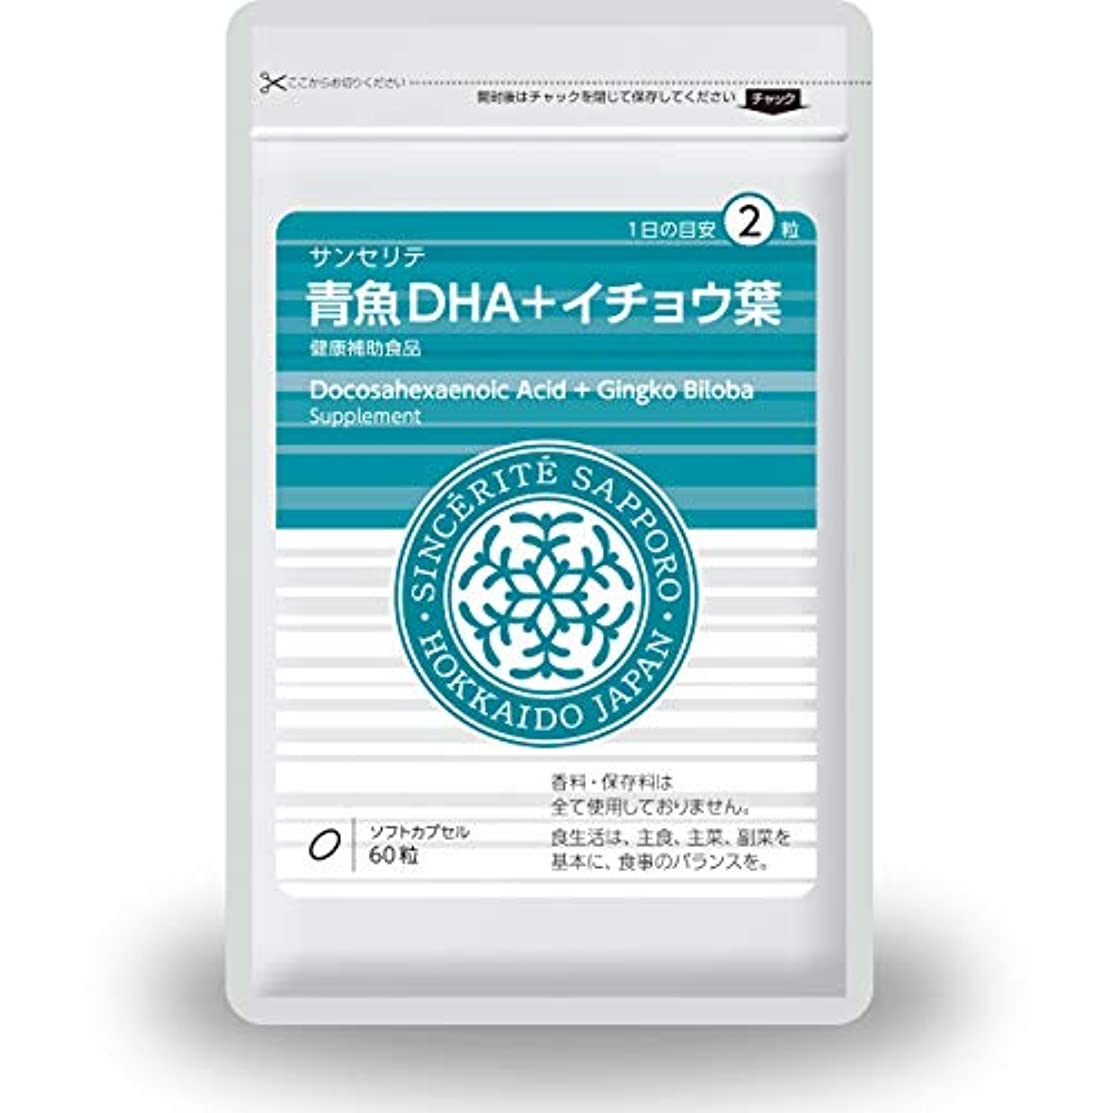 投資クレタ勇気青魚DHA+イチョウ葉 [DHA]101mg配合[国内製造]しっかり30日分